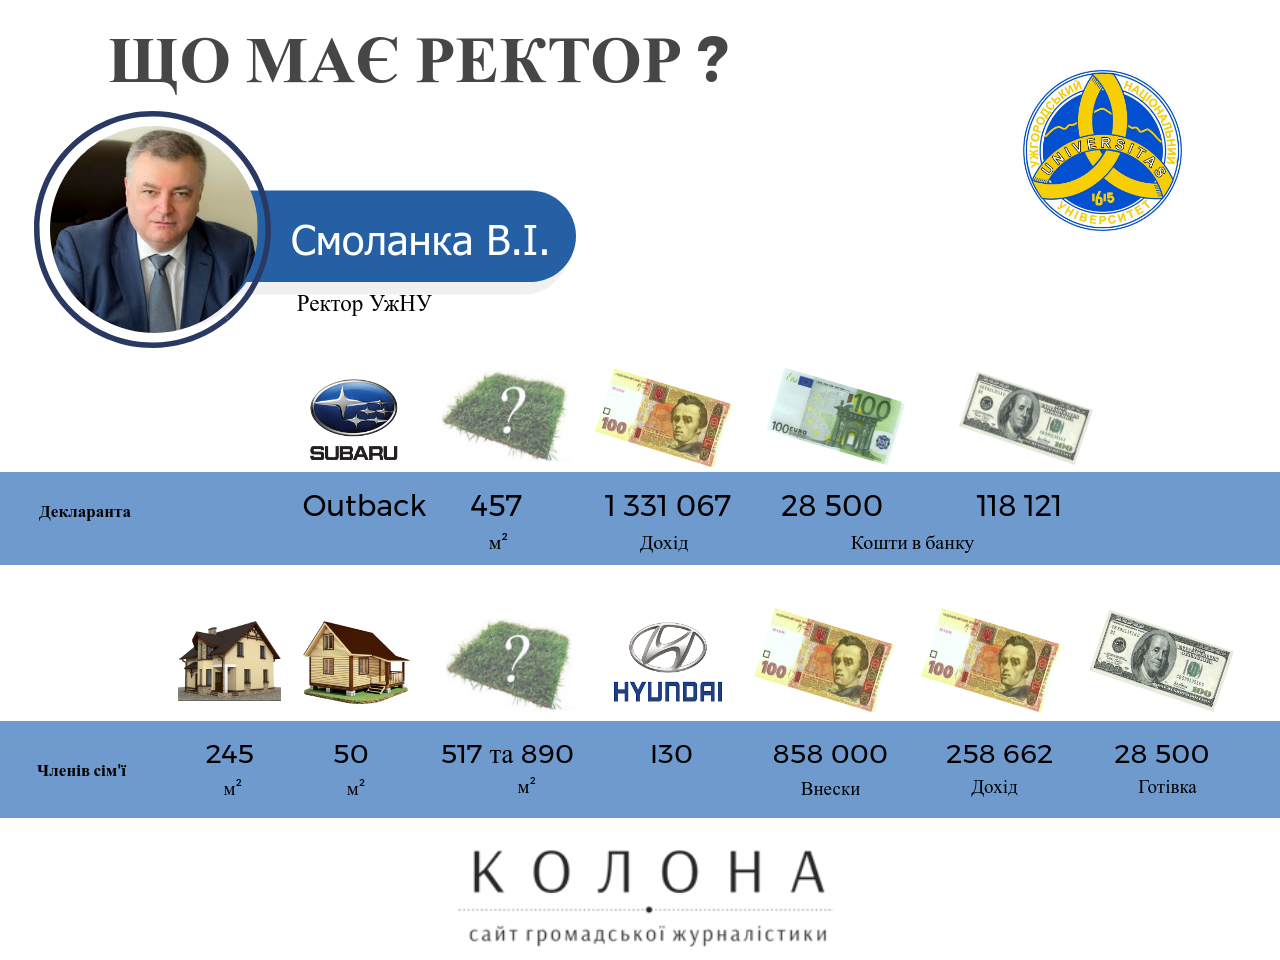 Володимир Смоланка